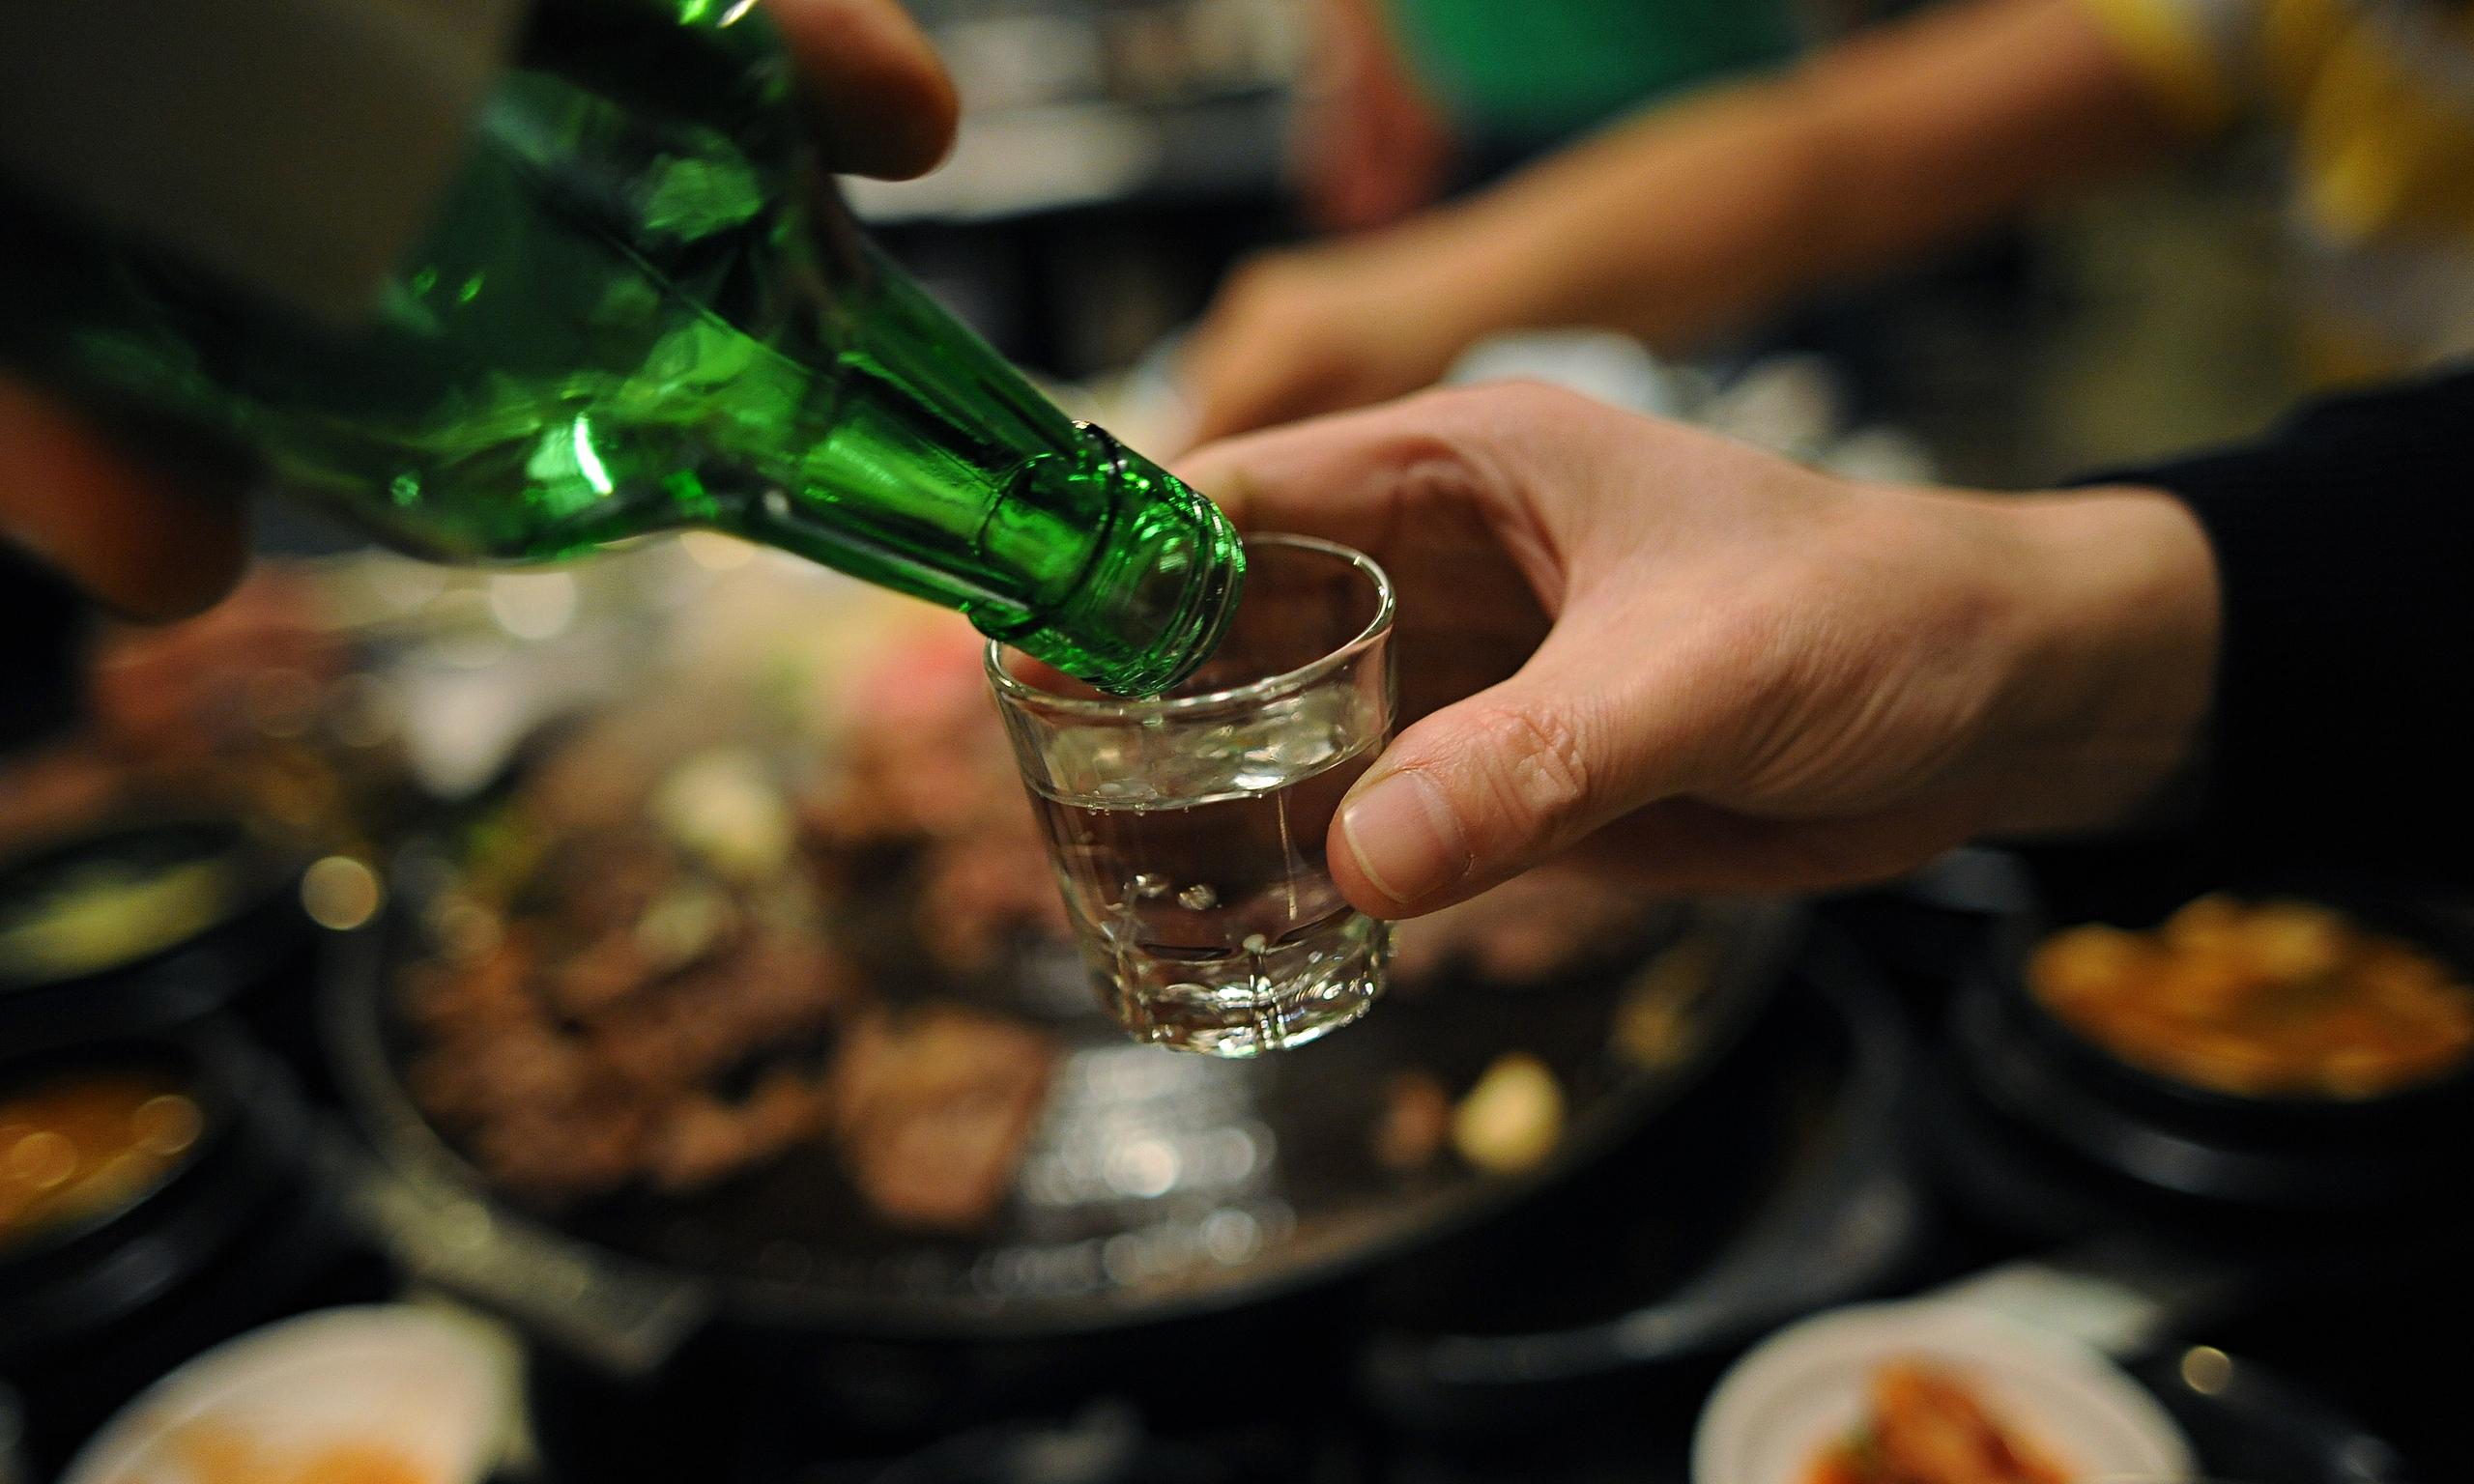 Sau uống rượu hoặc ăn bữa thịnh soạn nhiều thịt gây khởi phát cơn gout